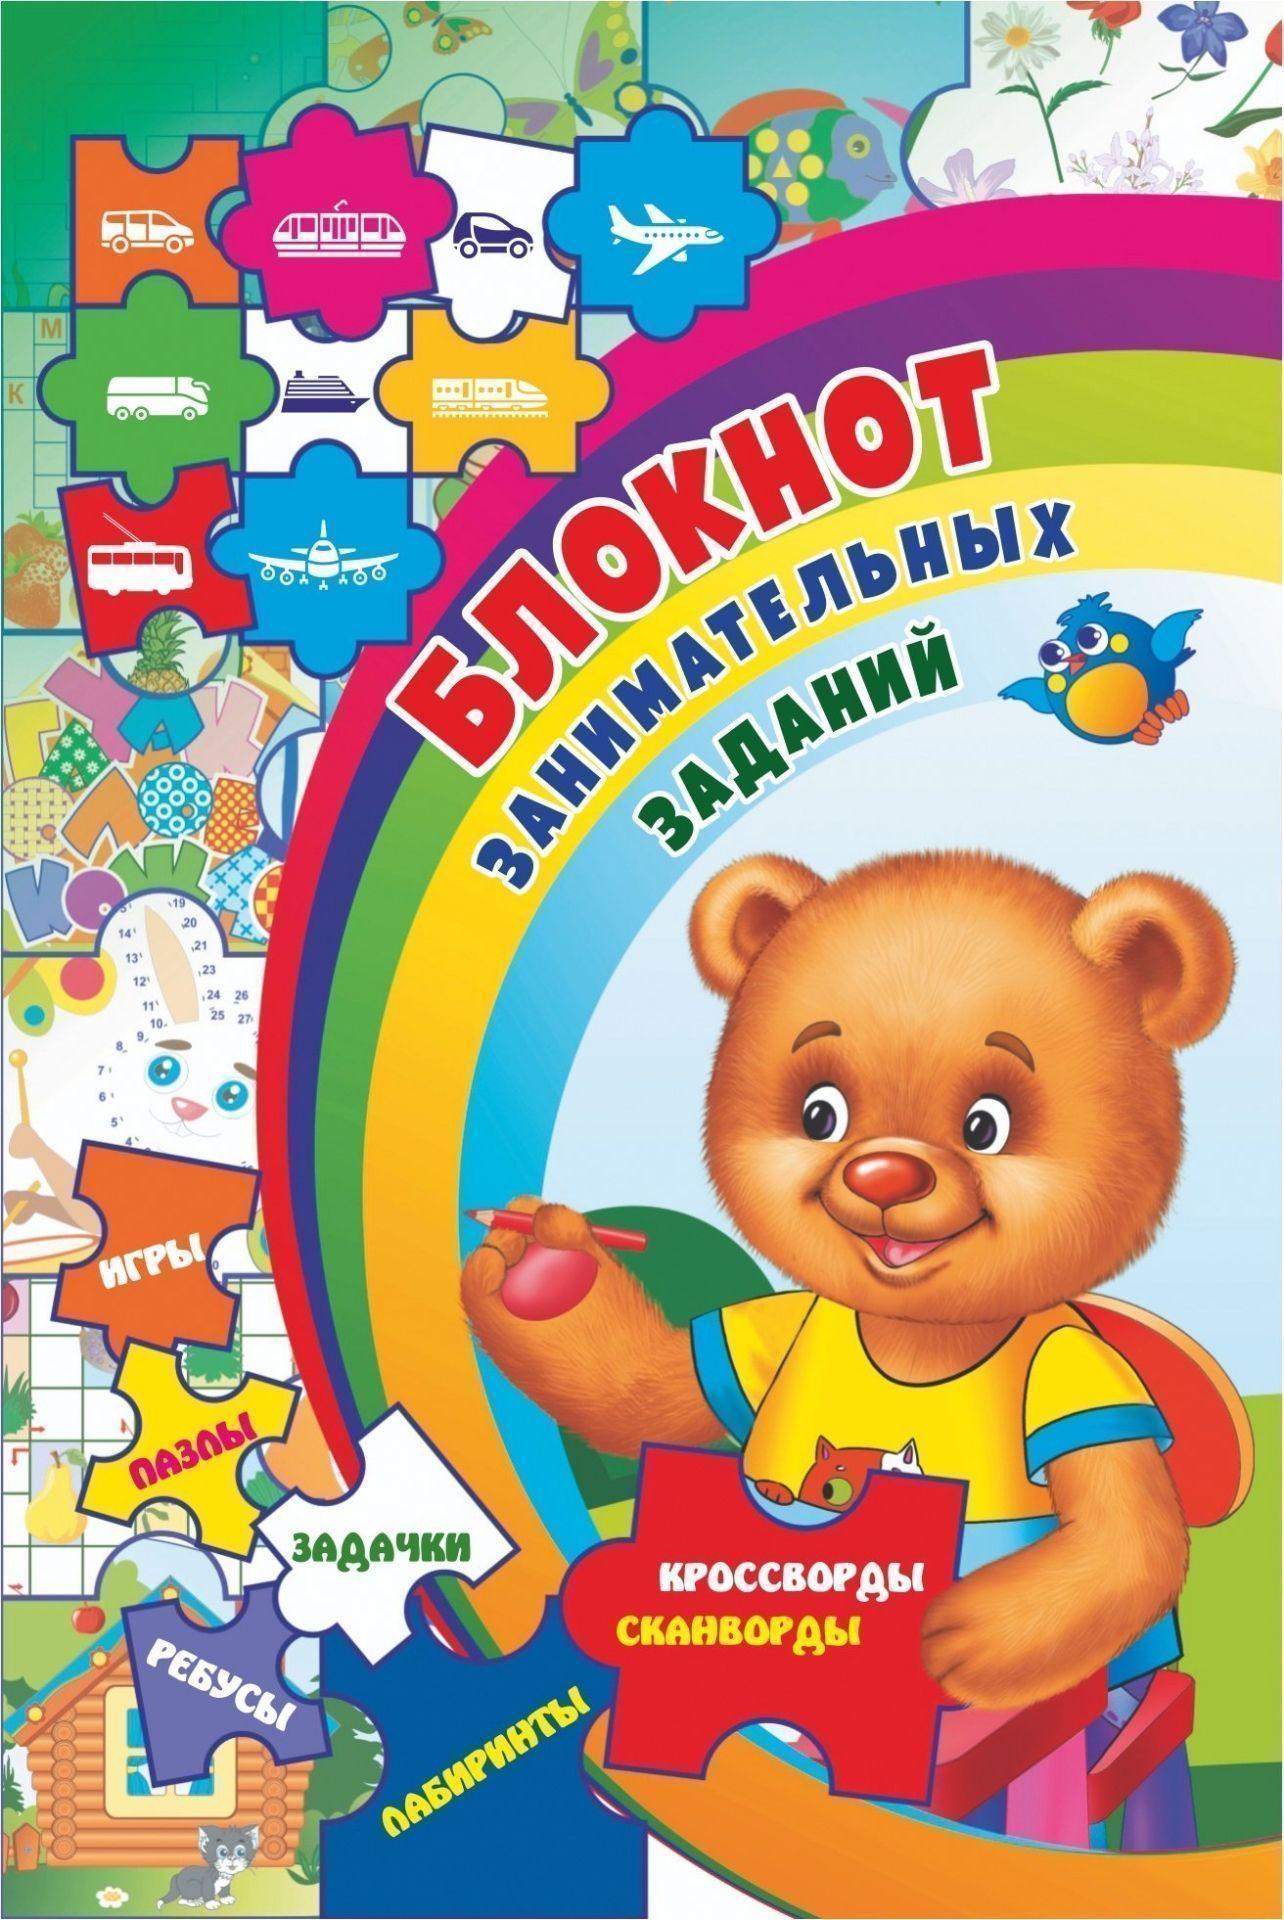 Блокнот занимательных заданий для детей 4-7 лет: игры, пазлы, задачки, ребусы, лабиринты, кроссворды, сканвордыЗанятия с детьми дошкольного возраста<br>Блокнот Занимательные странички представлен в виде цветных страничек с развивающими заданиями: головоломками, ребусами, кроссвордами, задачами, играми, раскрасками и многим другим. Вымышленный герой вместе с ребятами отправляется в увлекательное путешес...<br><br>Год: 2018<br>Серия: Блокнот с заданиями<br>Высота: 160<br>Ширина: 105<br>Толщина: 2<br>Переплёт: мягкая, скрепка